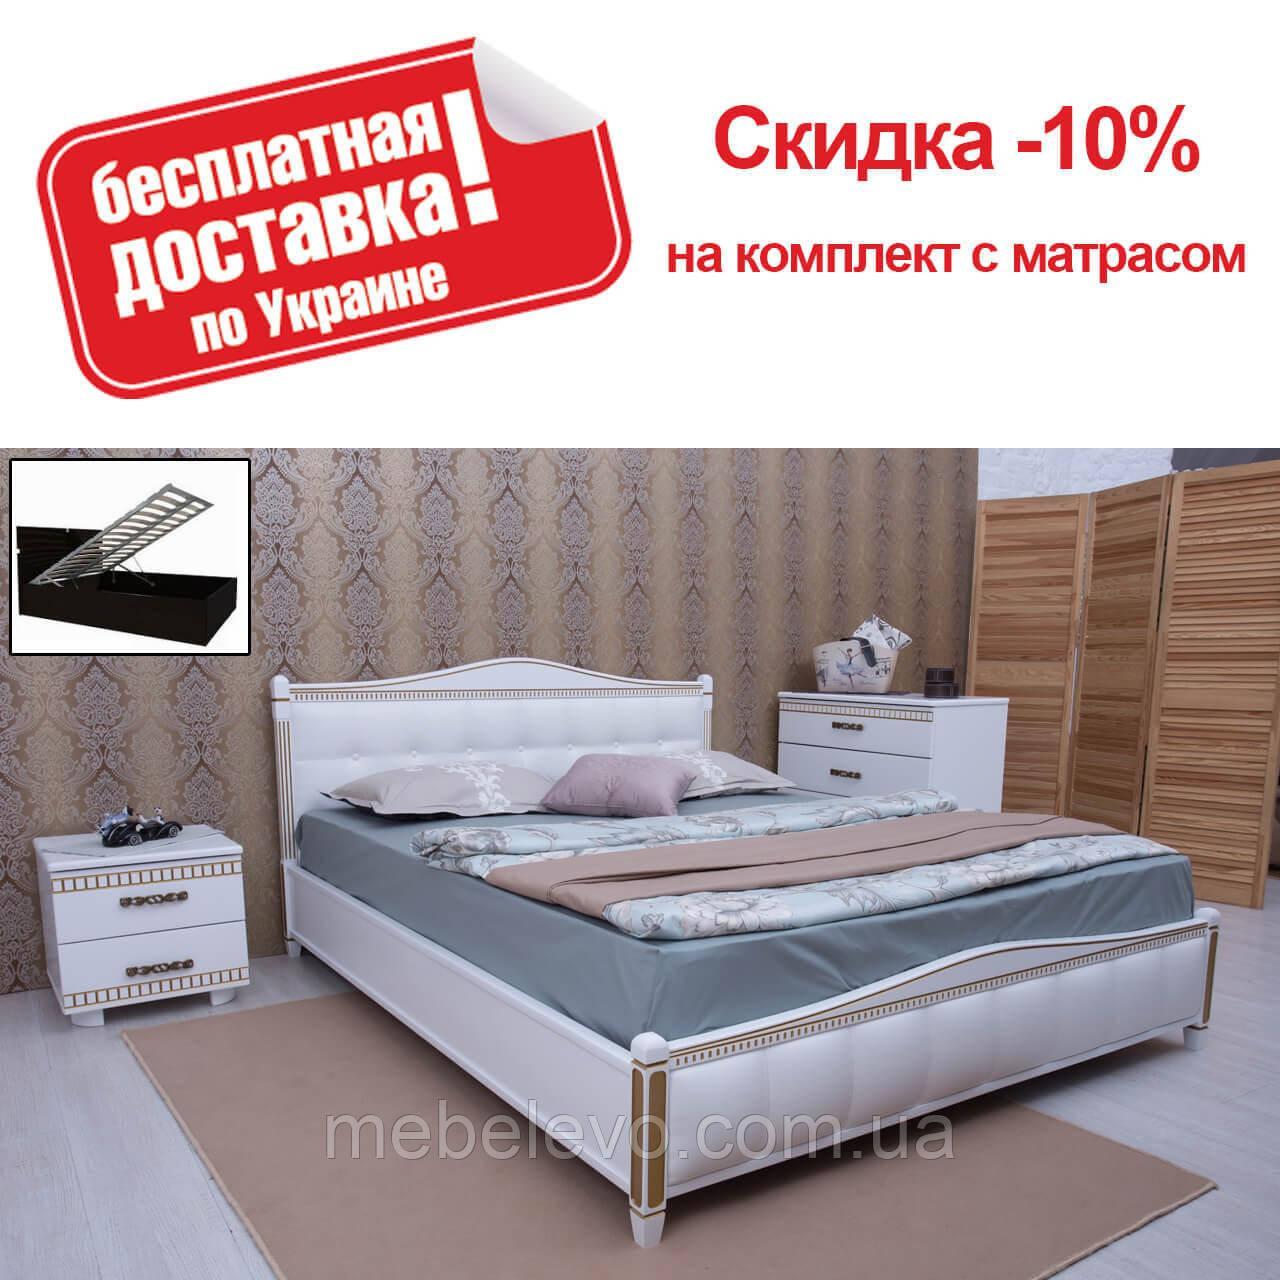 Кровать полуторная Прованс патина квадраты подъемный механизм 140 Олимп - фото 1